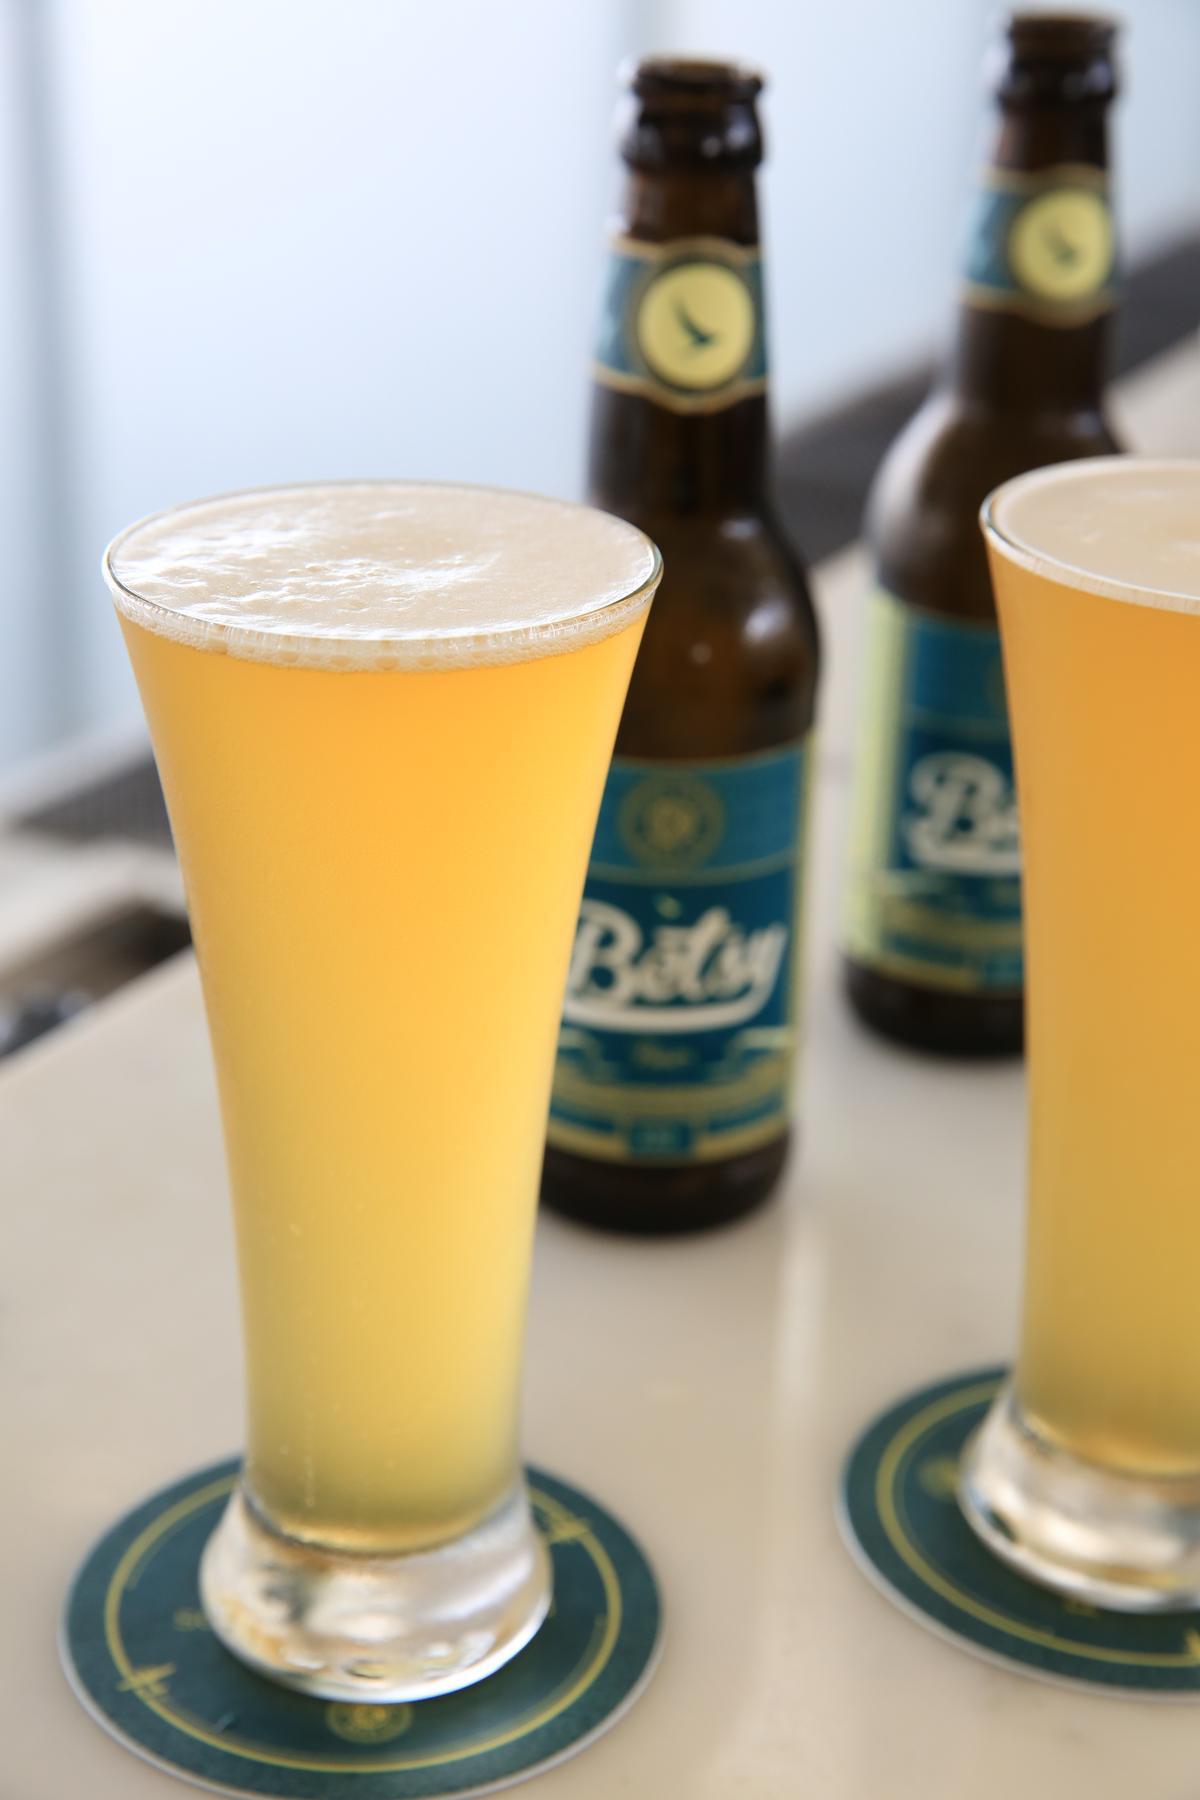 限量供應的「Betsy Beer」在香港與倫敦希斯洛機場的國泰貴賓室,以及若干國際航線上喝得到。